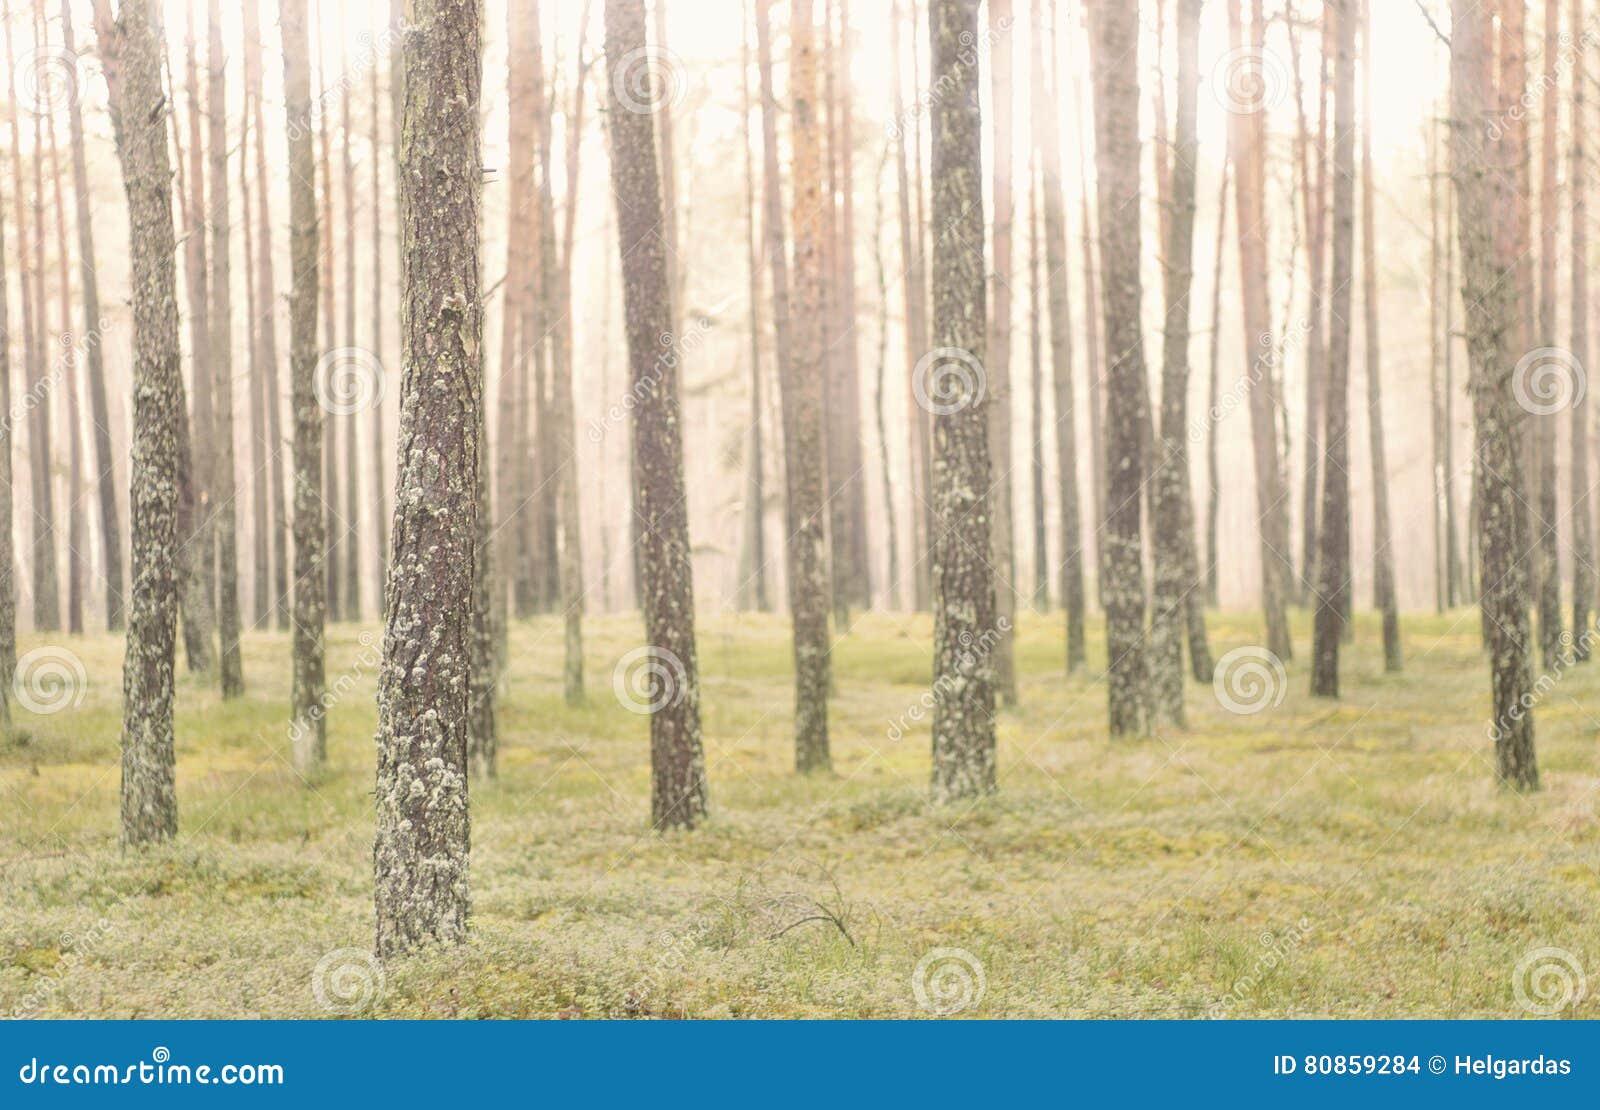 De boomstammen van de pijnboomboom in bos